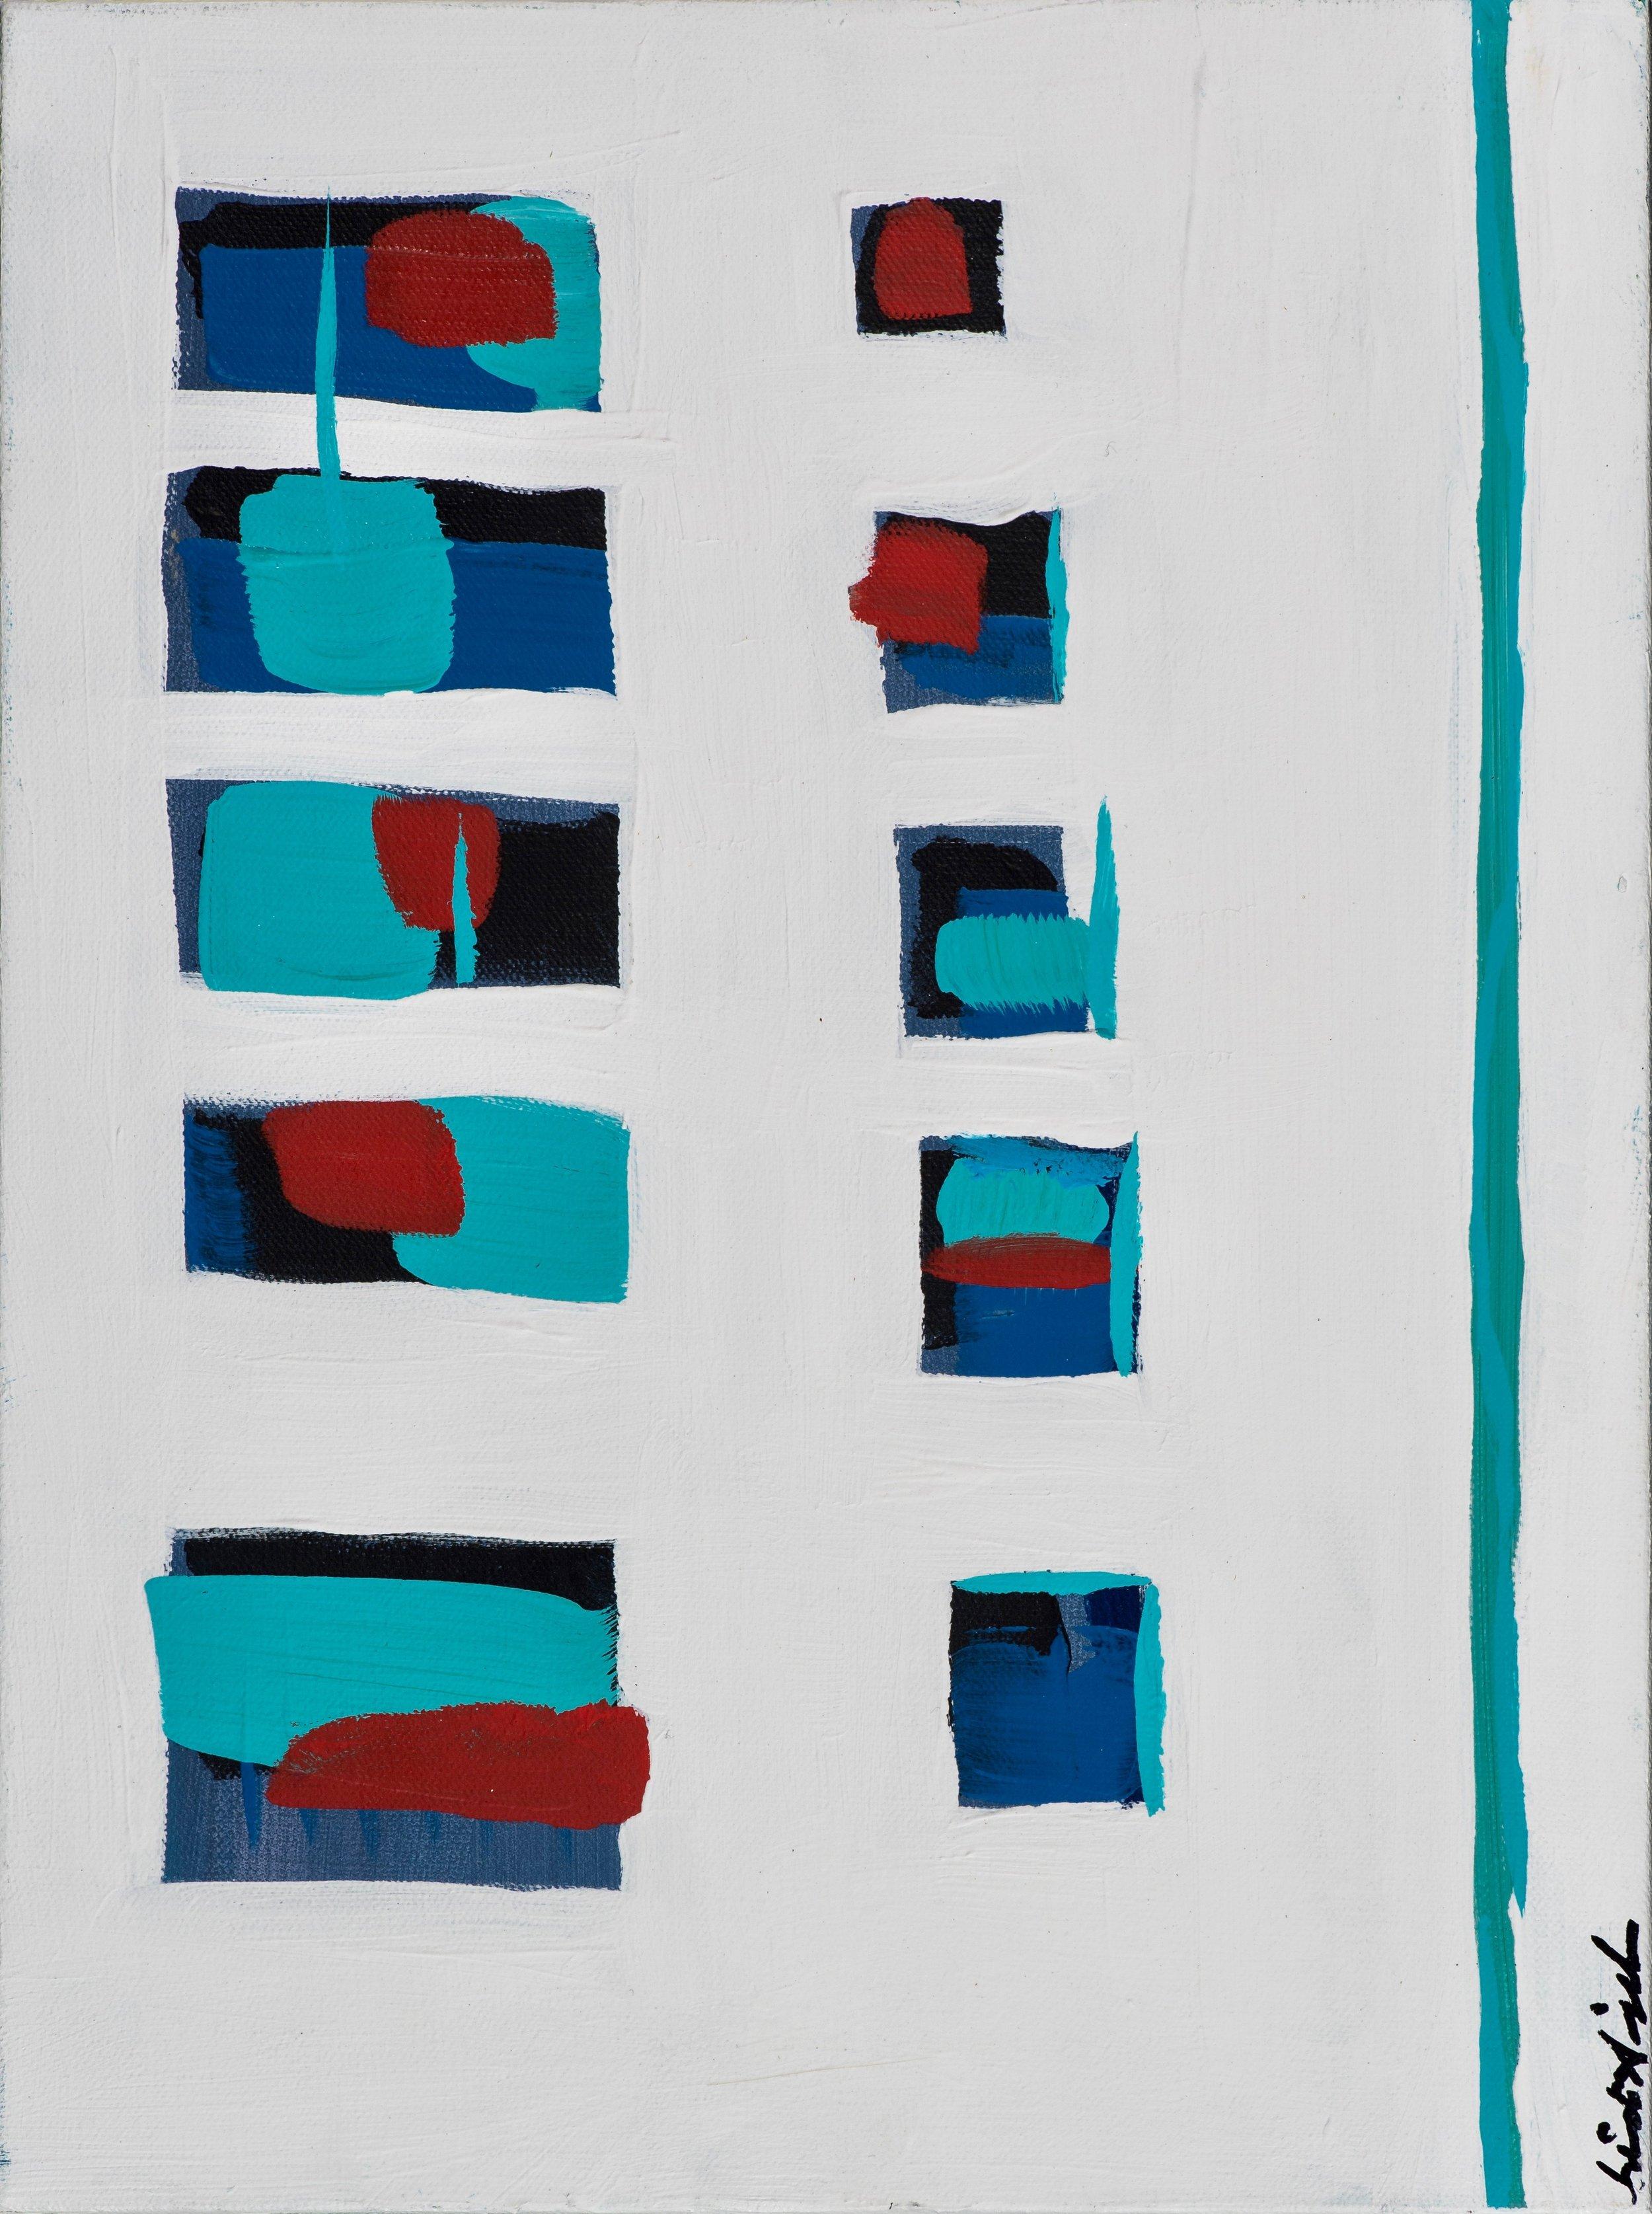 Nexus Paintings 2016 - 1 of 11 (5).jpg